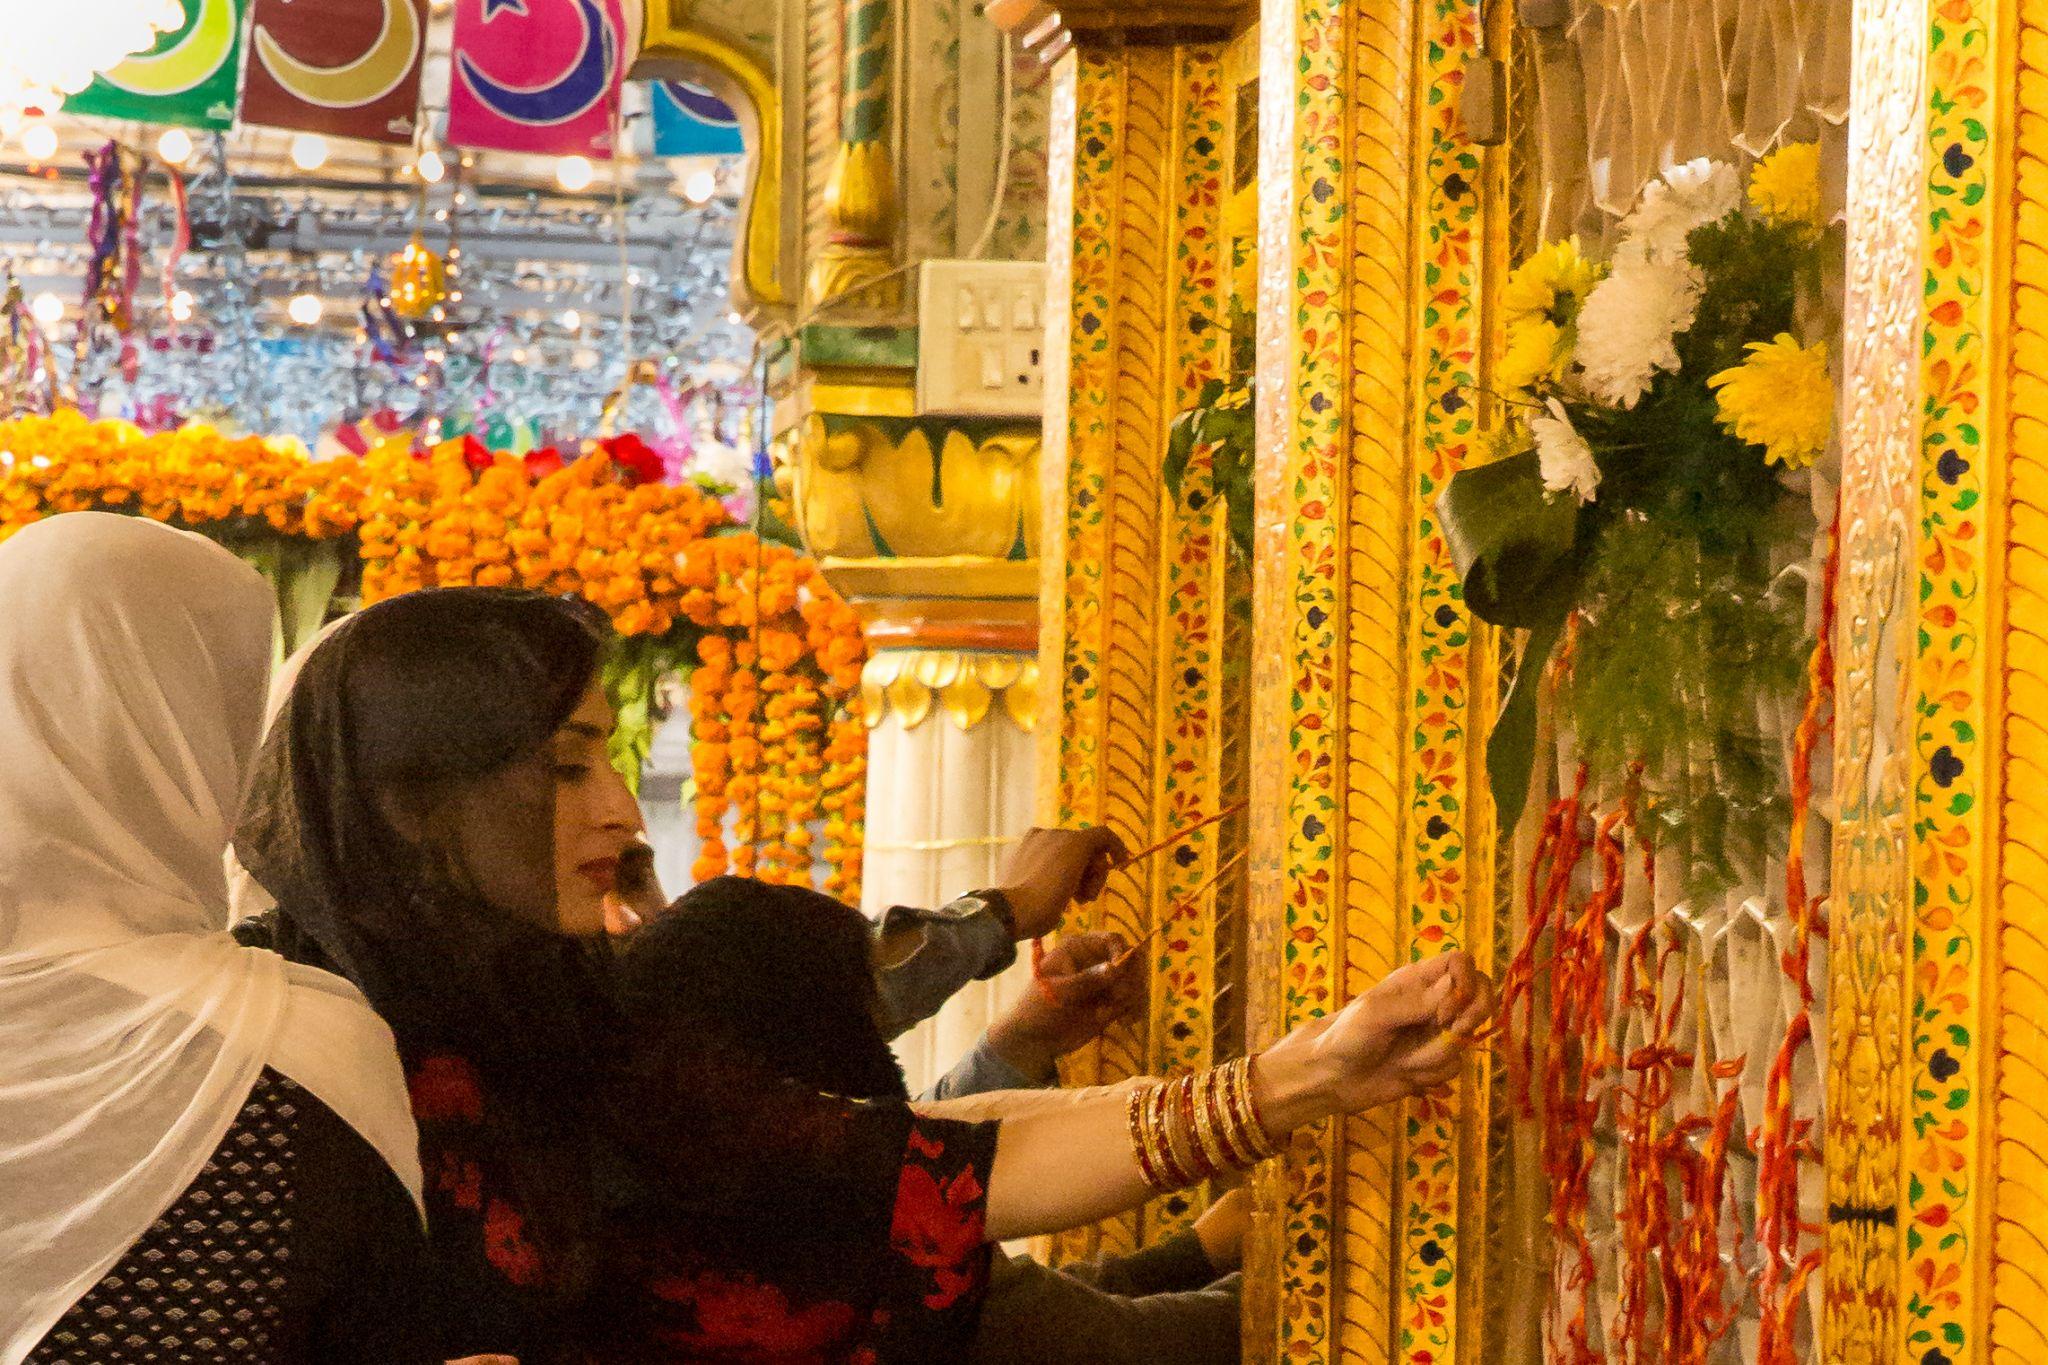 Hazrat Nizamuddin Dargah, India